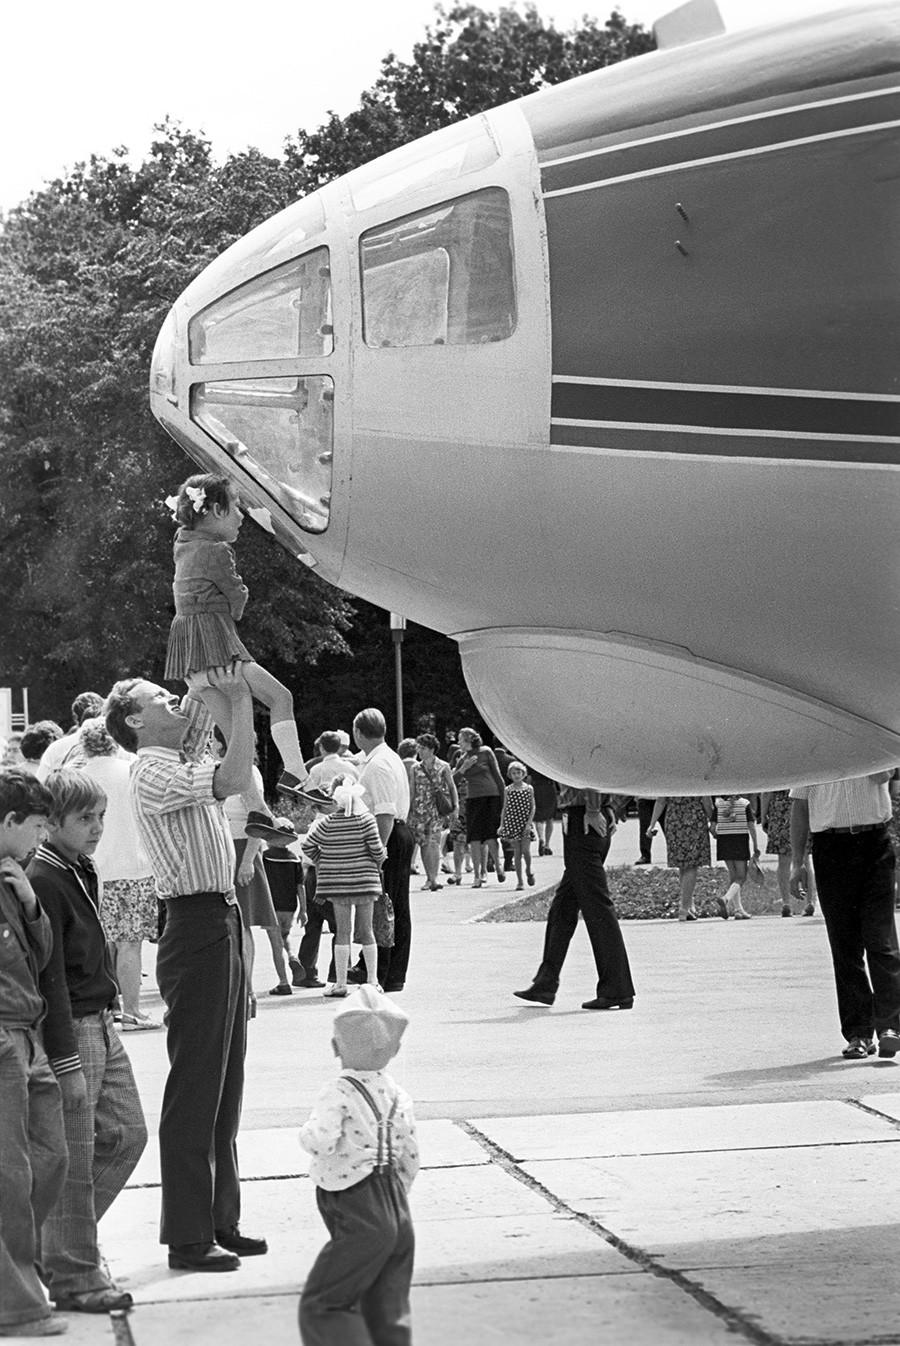 ユーリー・ガガーリン記念クイブィシェフ公園に設置されたAn-10を基に作られたアントーシカ映画航空機、1977年